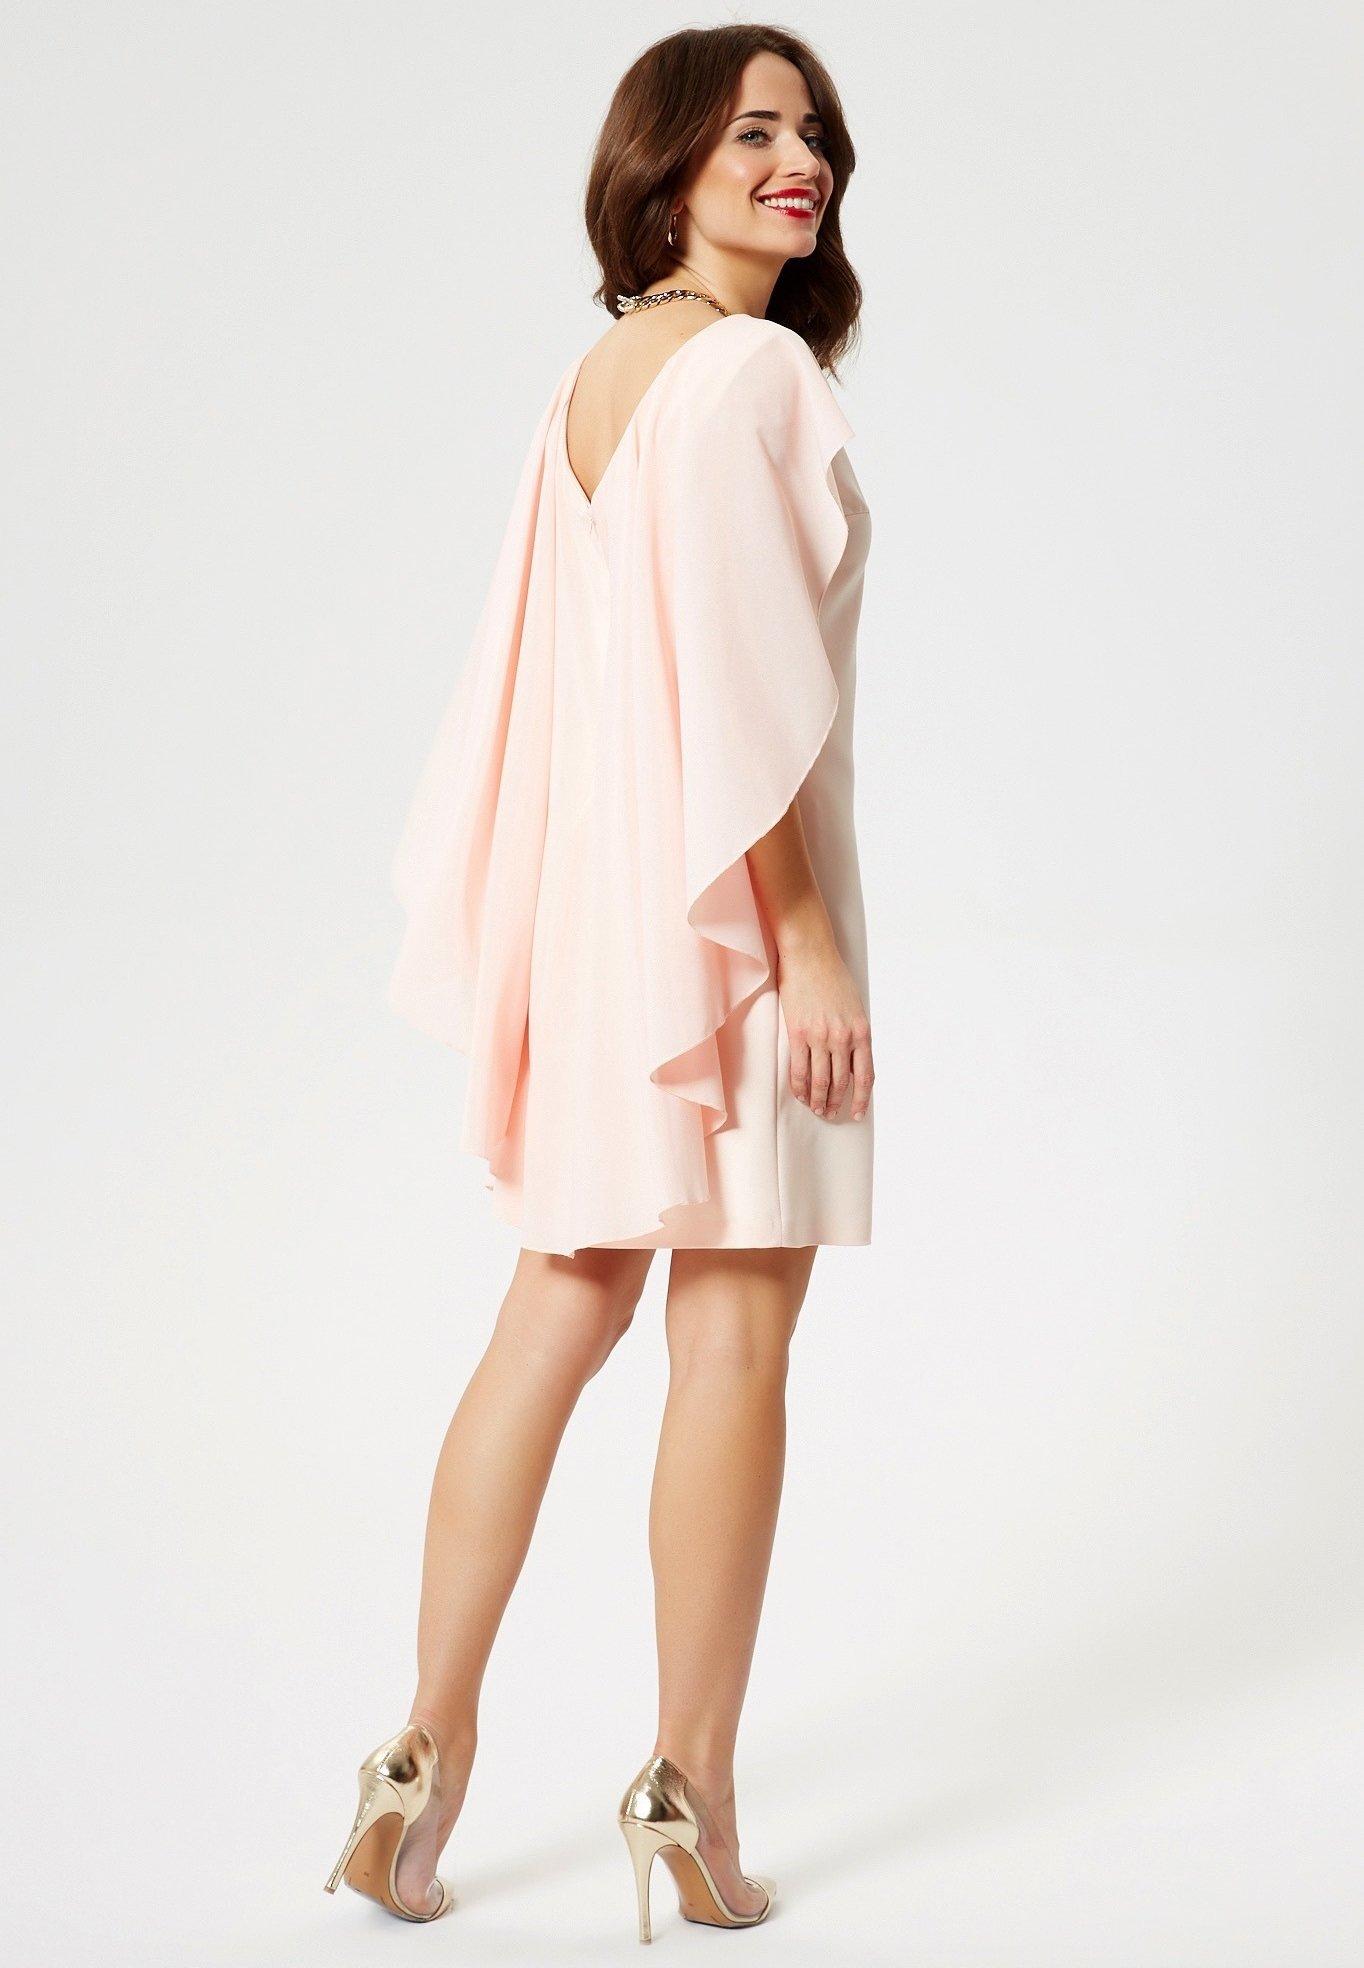 Faina Vestito estivo - fuxia pink